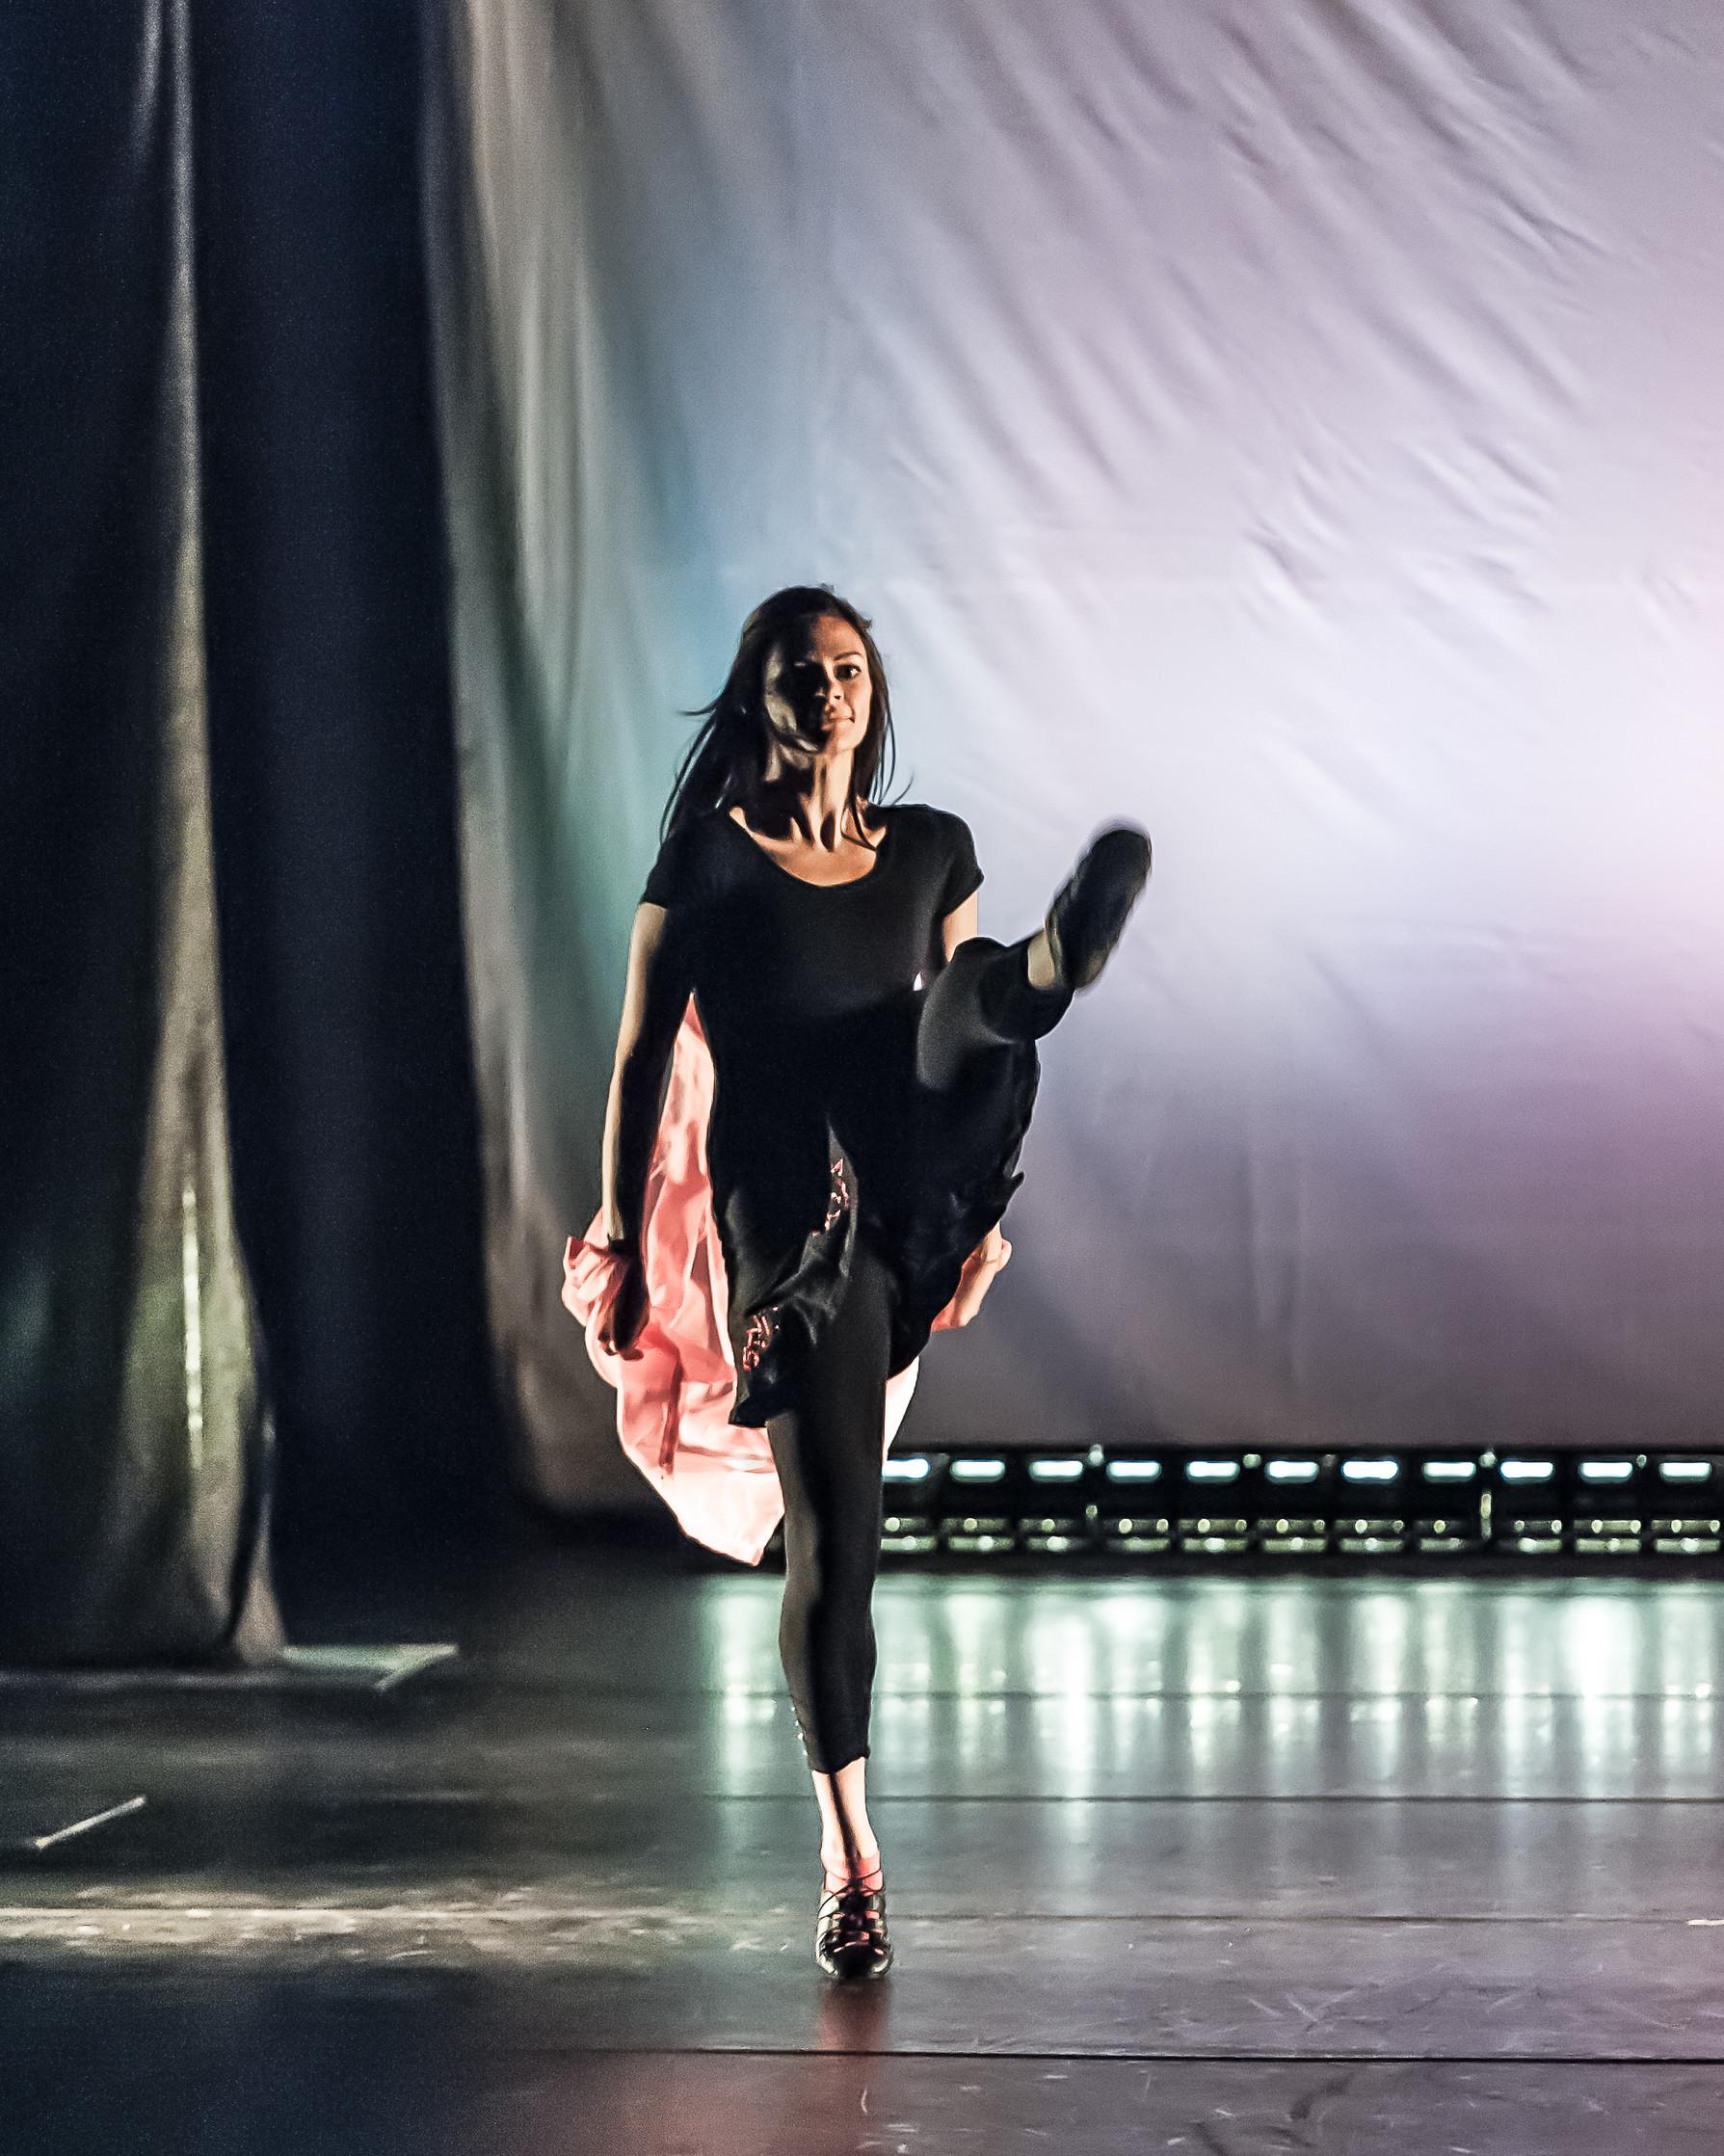 100214SS7_4679_632_Bailando DanceJPG